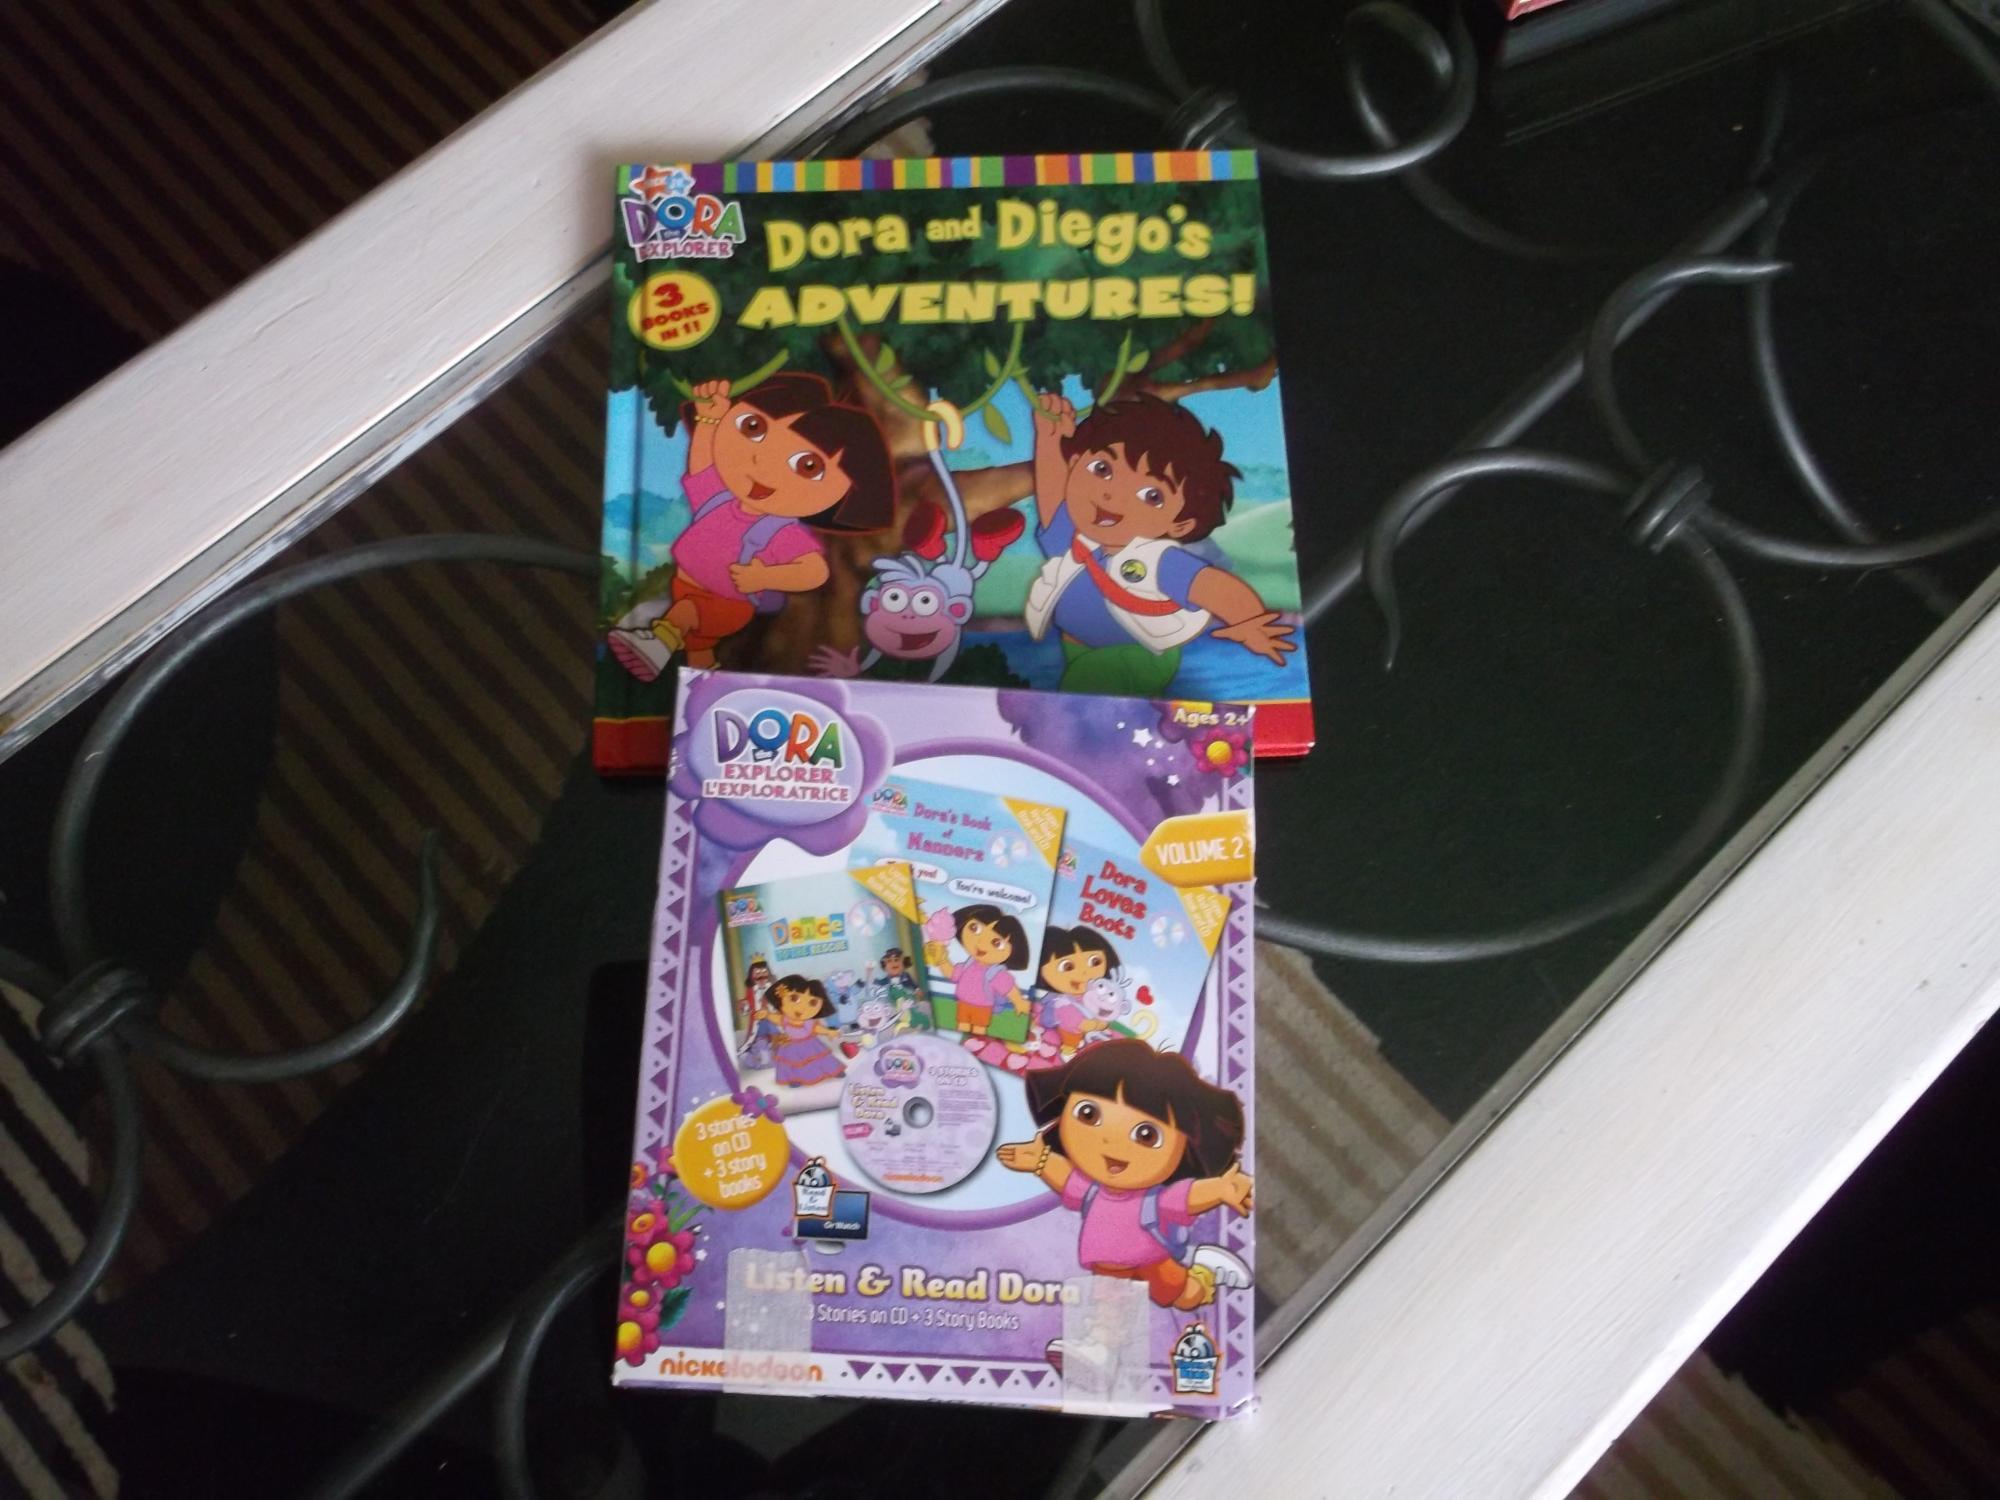 Dora the Explorer , Dora and Diego's